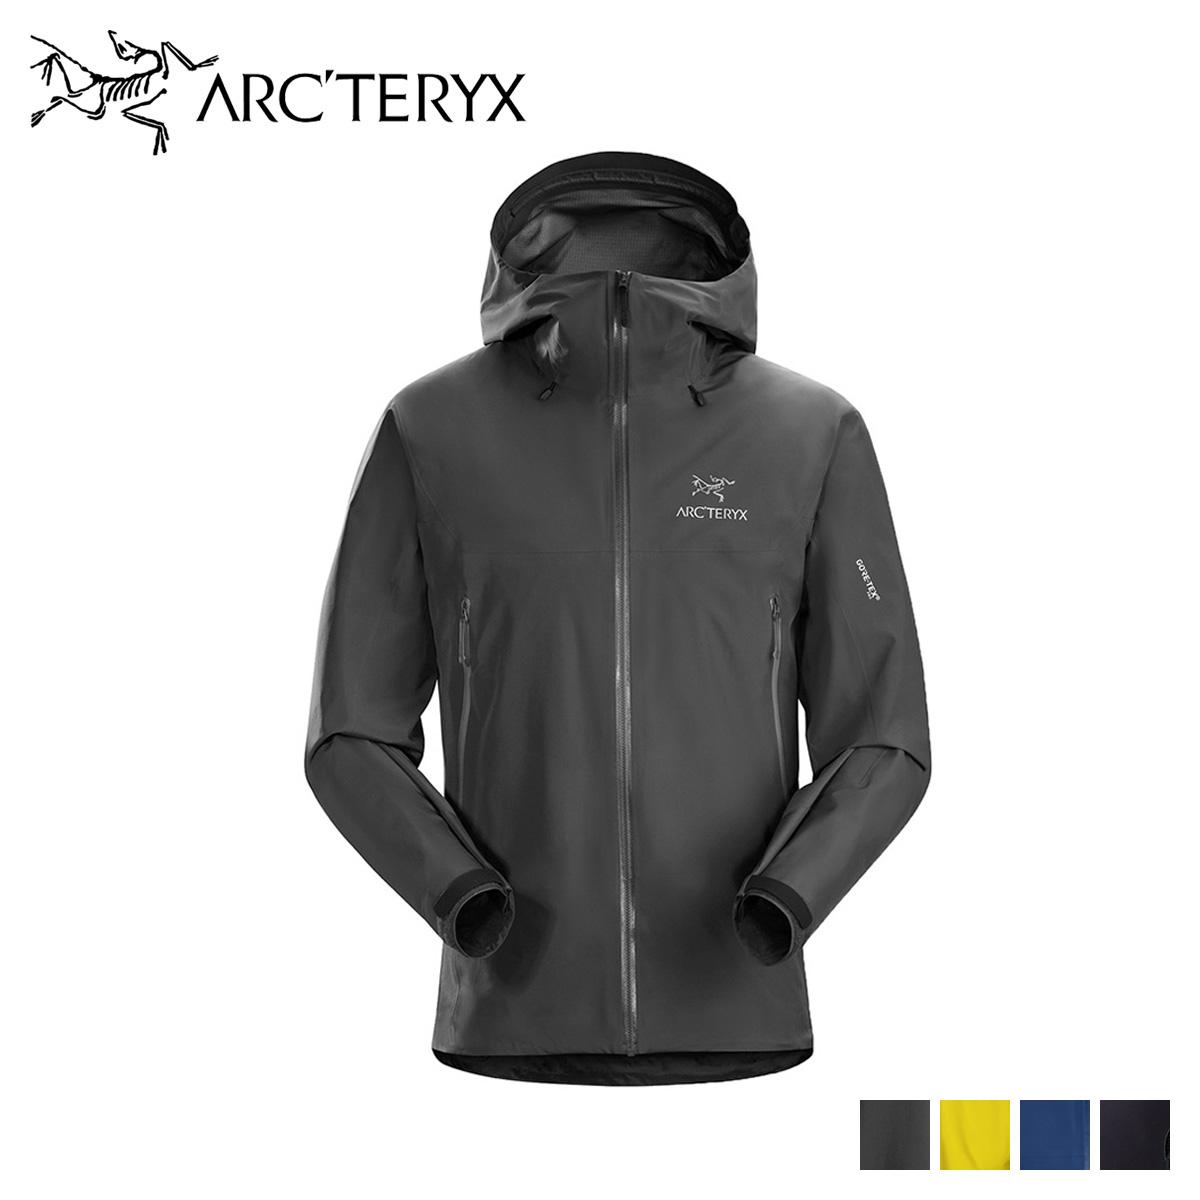 アークテリクス ARC'TERYX ジャケット ベータ BETA LT JACKET 18007 メンズ ブラック ブルー イエロー